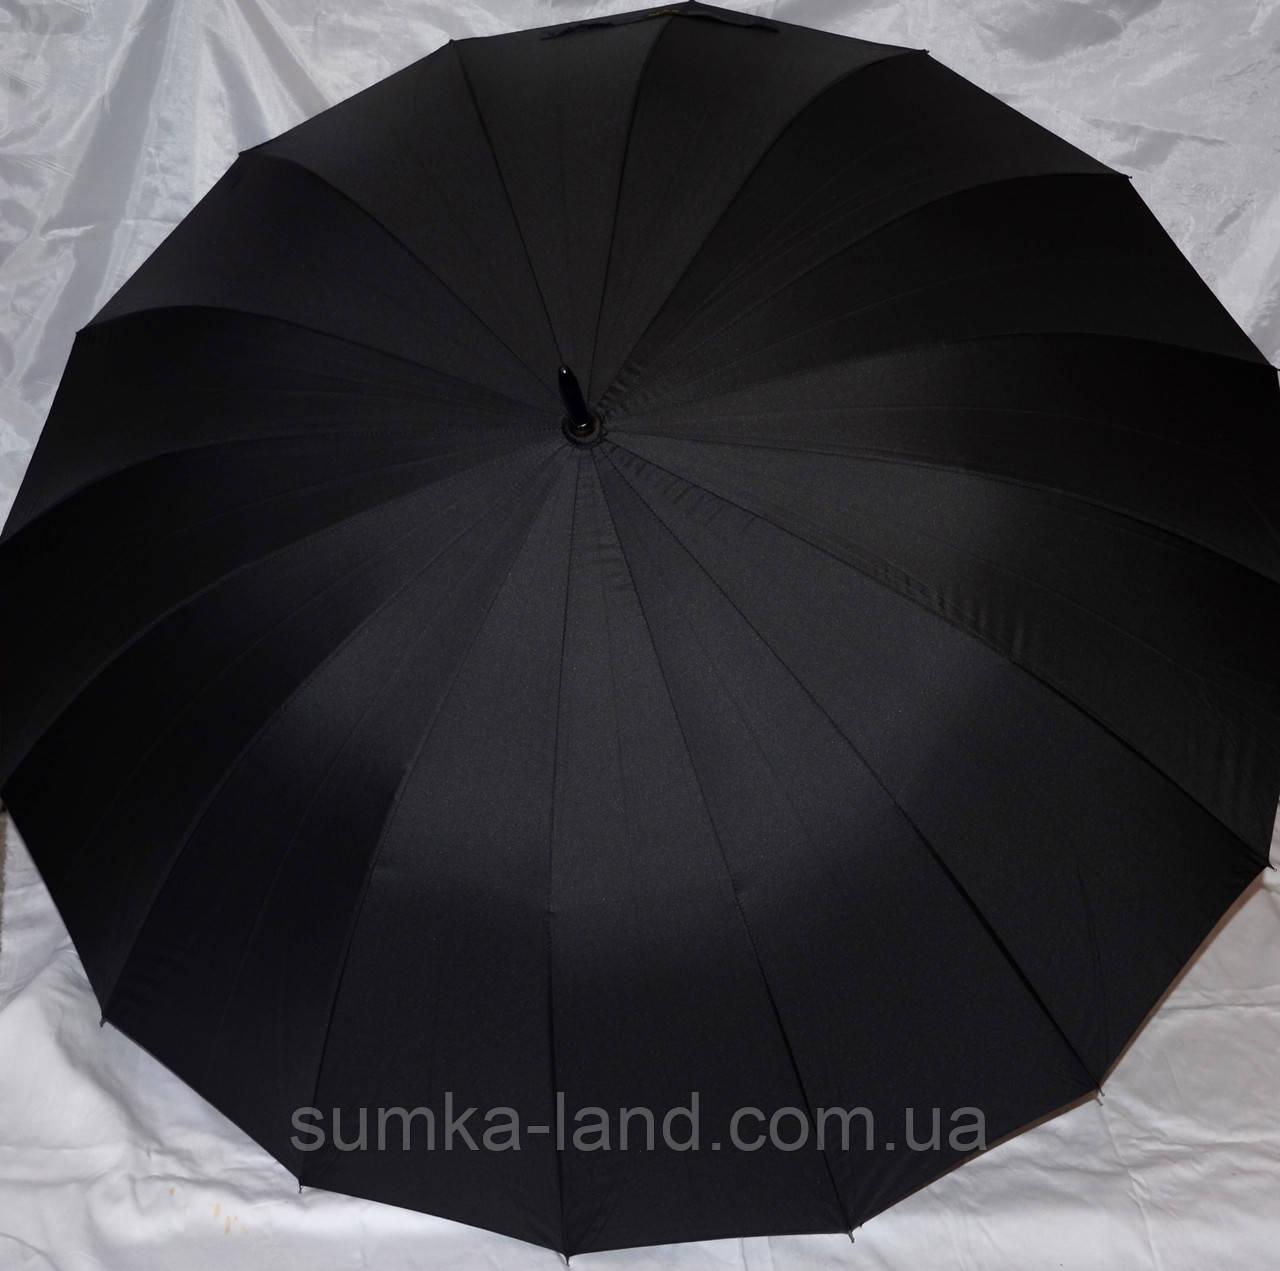 Зонты трости СЕМЕЙНЫЕ